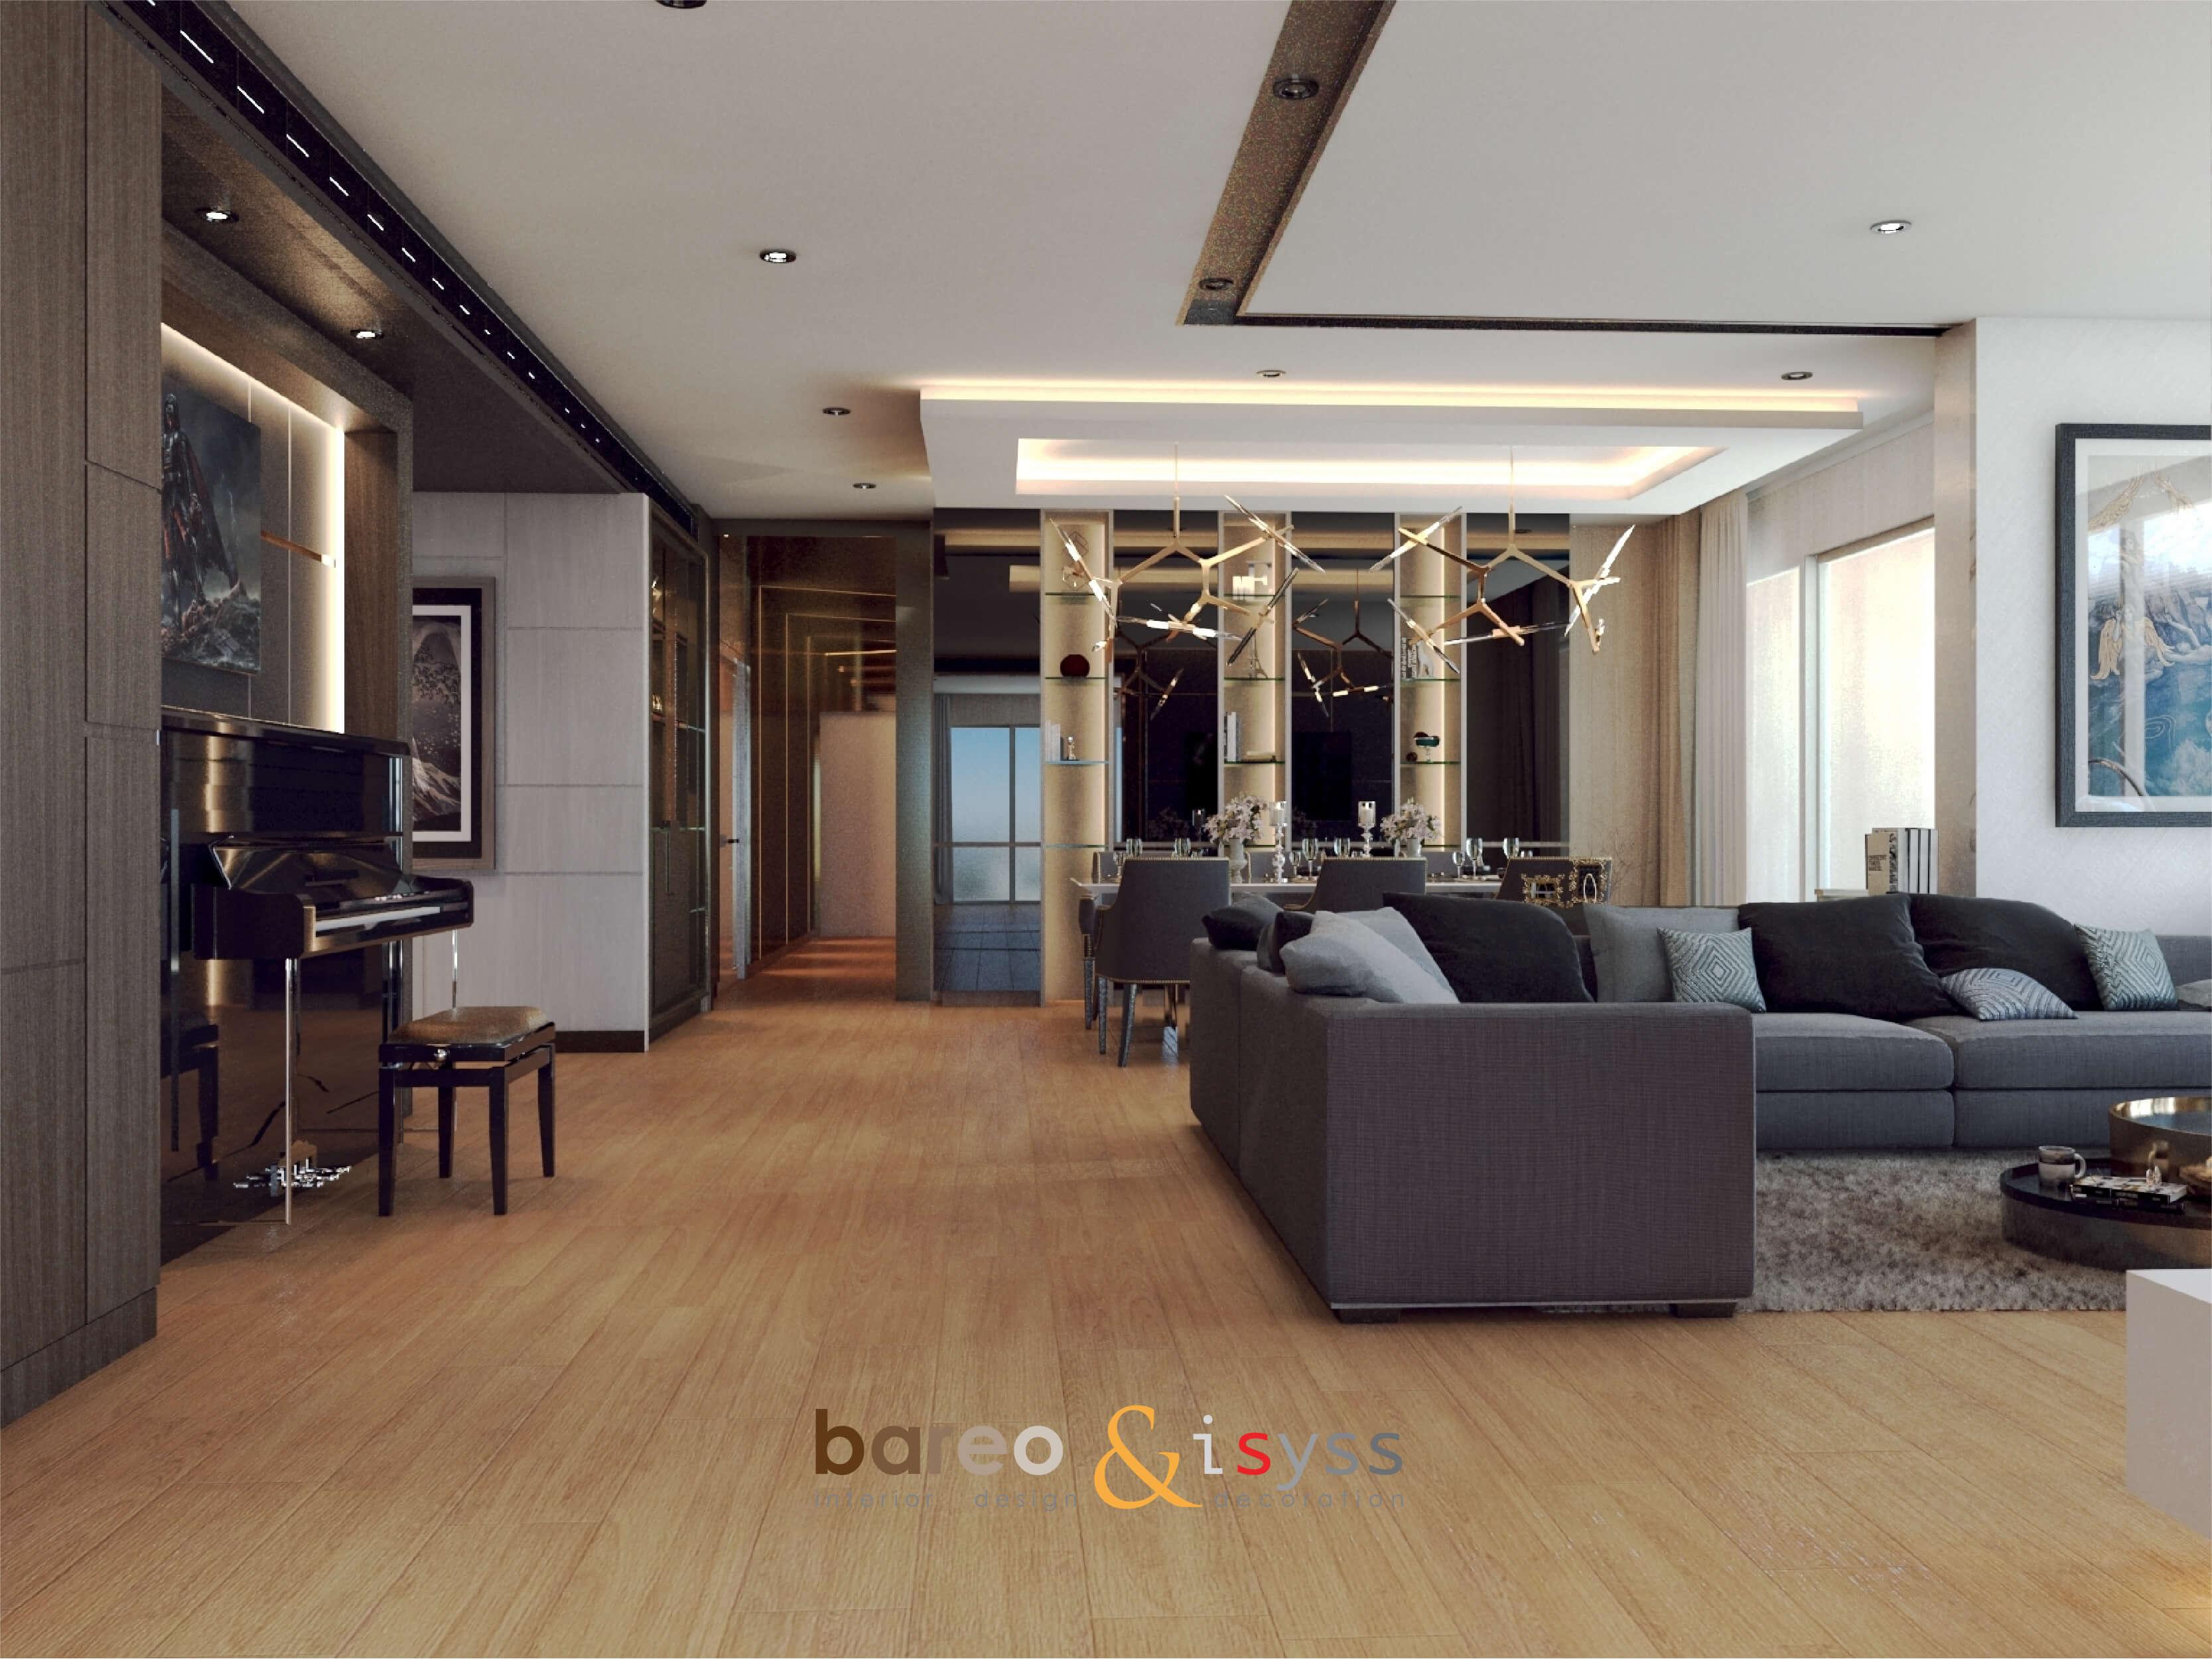 บาริโอ Bareo ออกแบบภายใน ออกแบบตกแต่งภายใน บริษัทออกแบบภาย บริษัทออกแบบตกแต่งภายใน interior รับออกแบบภายใน รับออกแบบตกแต่งภายใน งานinterior งานออกแบบตกแต่งภายใน ออกแบบภายในคอนโด ตกแต่งภายในคอนโด รับตกแต่งภายในคอนโด งานออกแบบคอนโด งานออกแบบตกแต่งภายในคอนโด ผลงานออกแบบตกแต่งภายใน